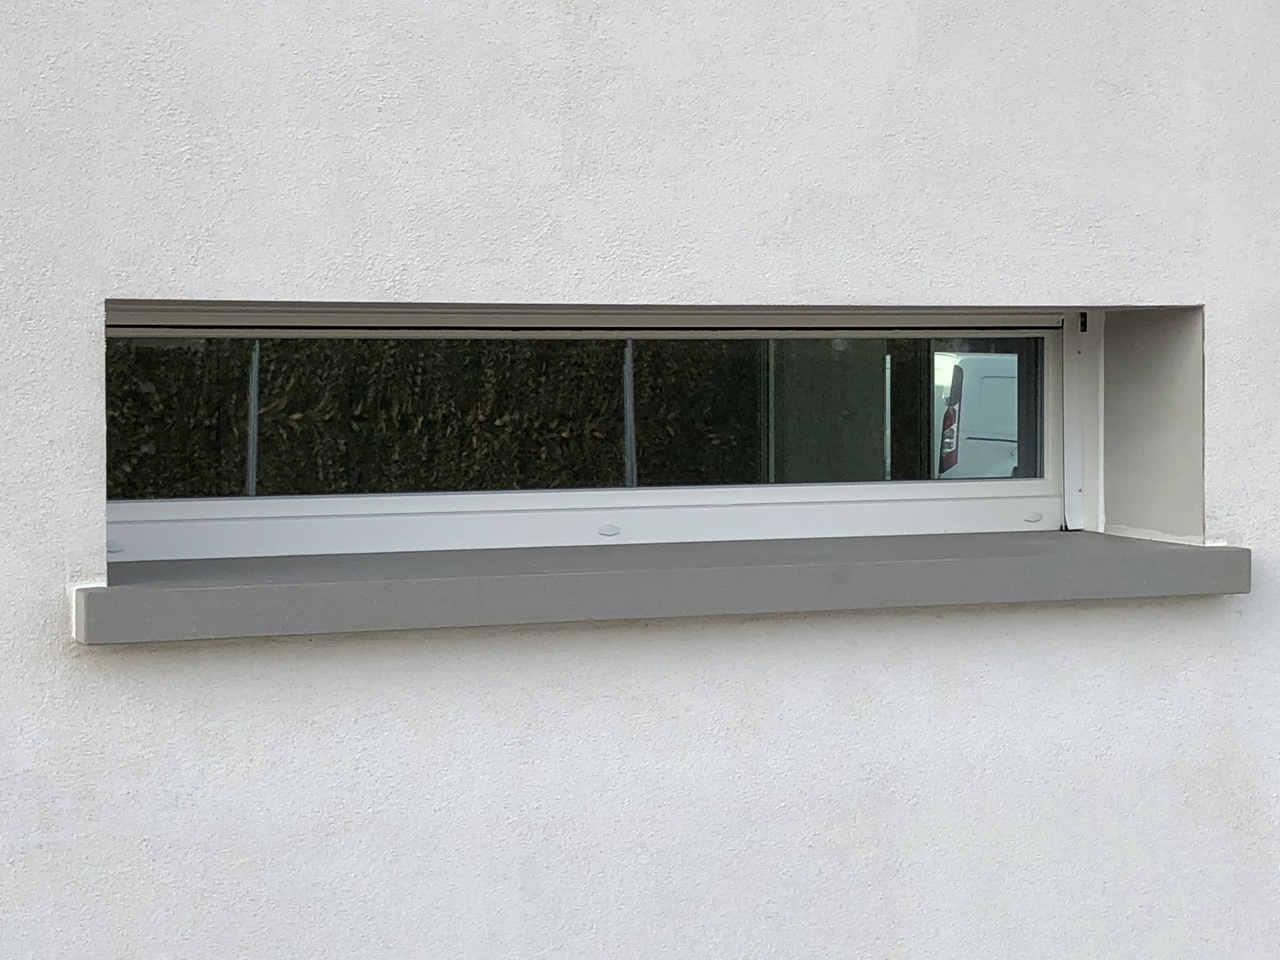 Contatti Ufficio Linea Emme Serramenti Realizzazioni In Pvc Finestre E Porte 43